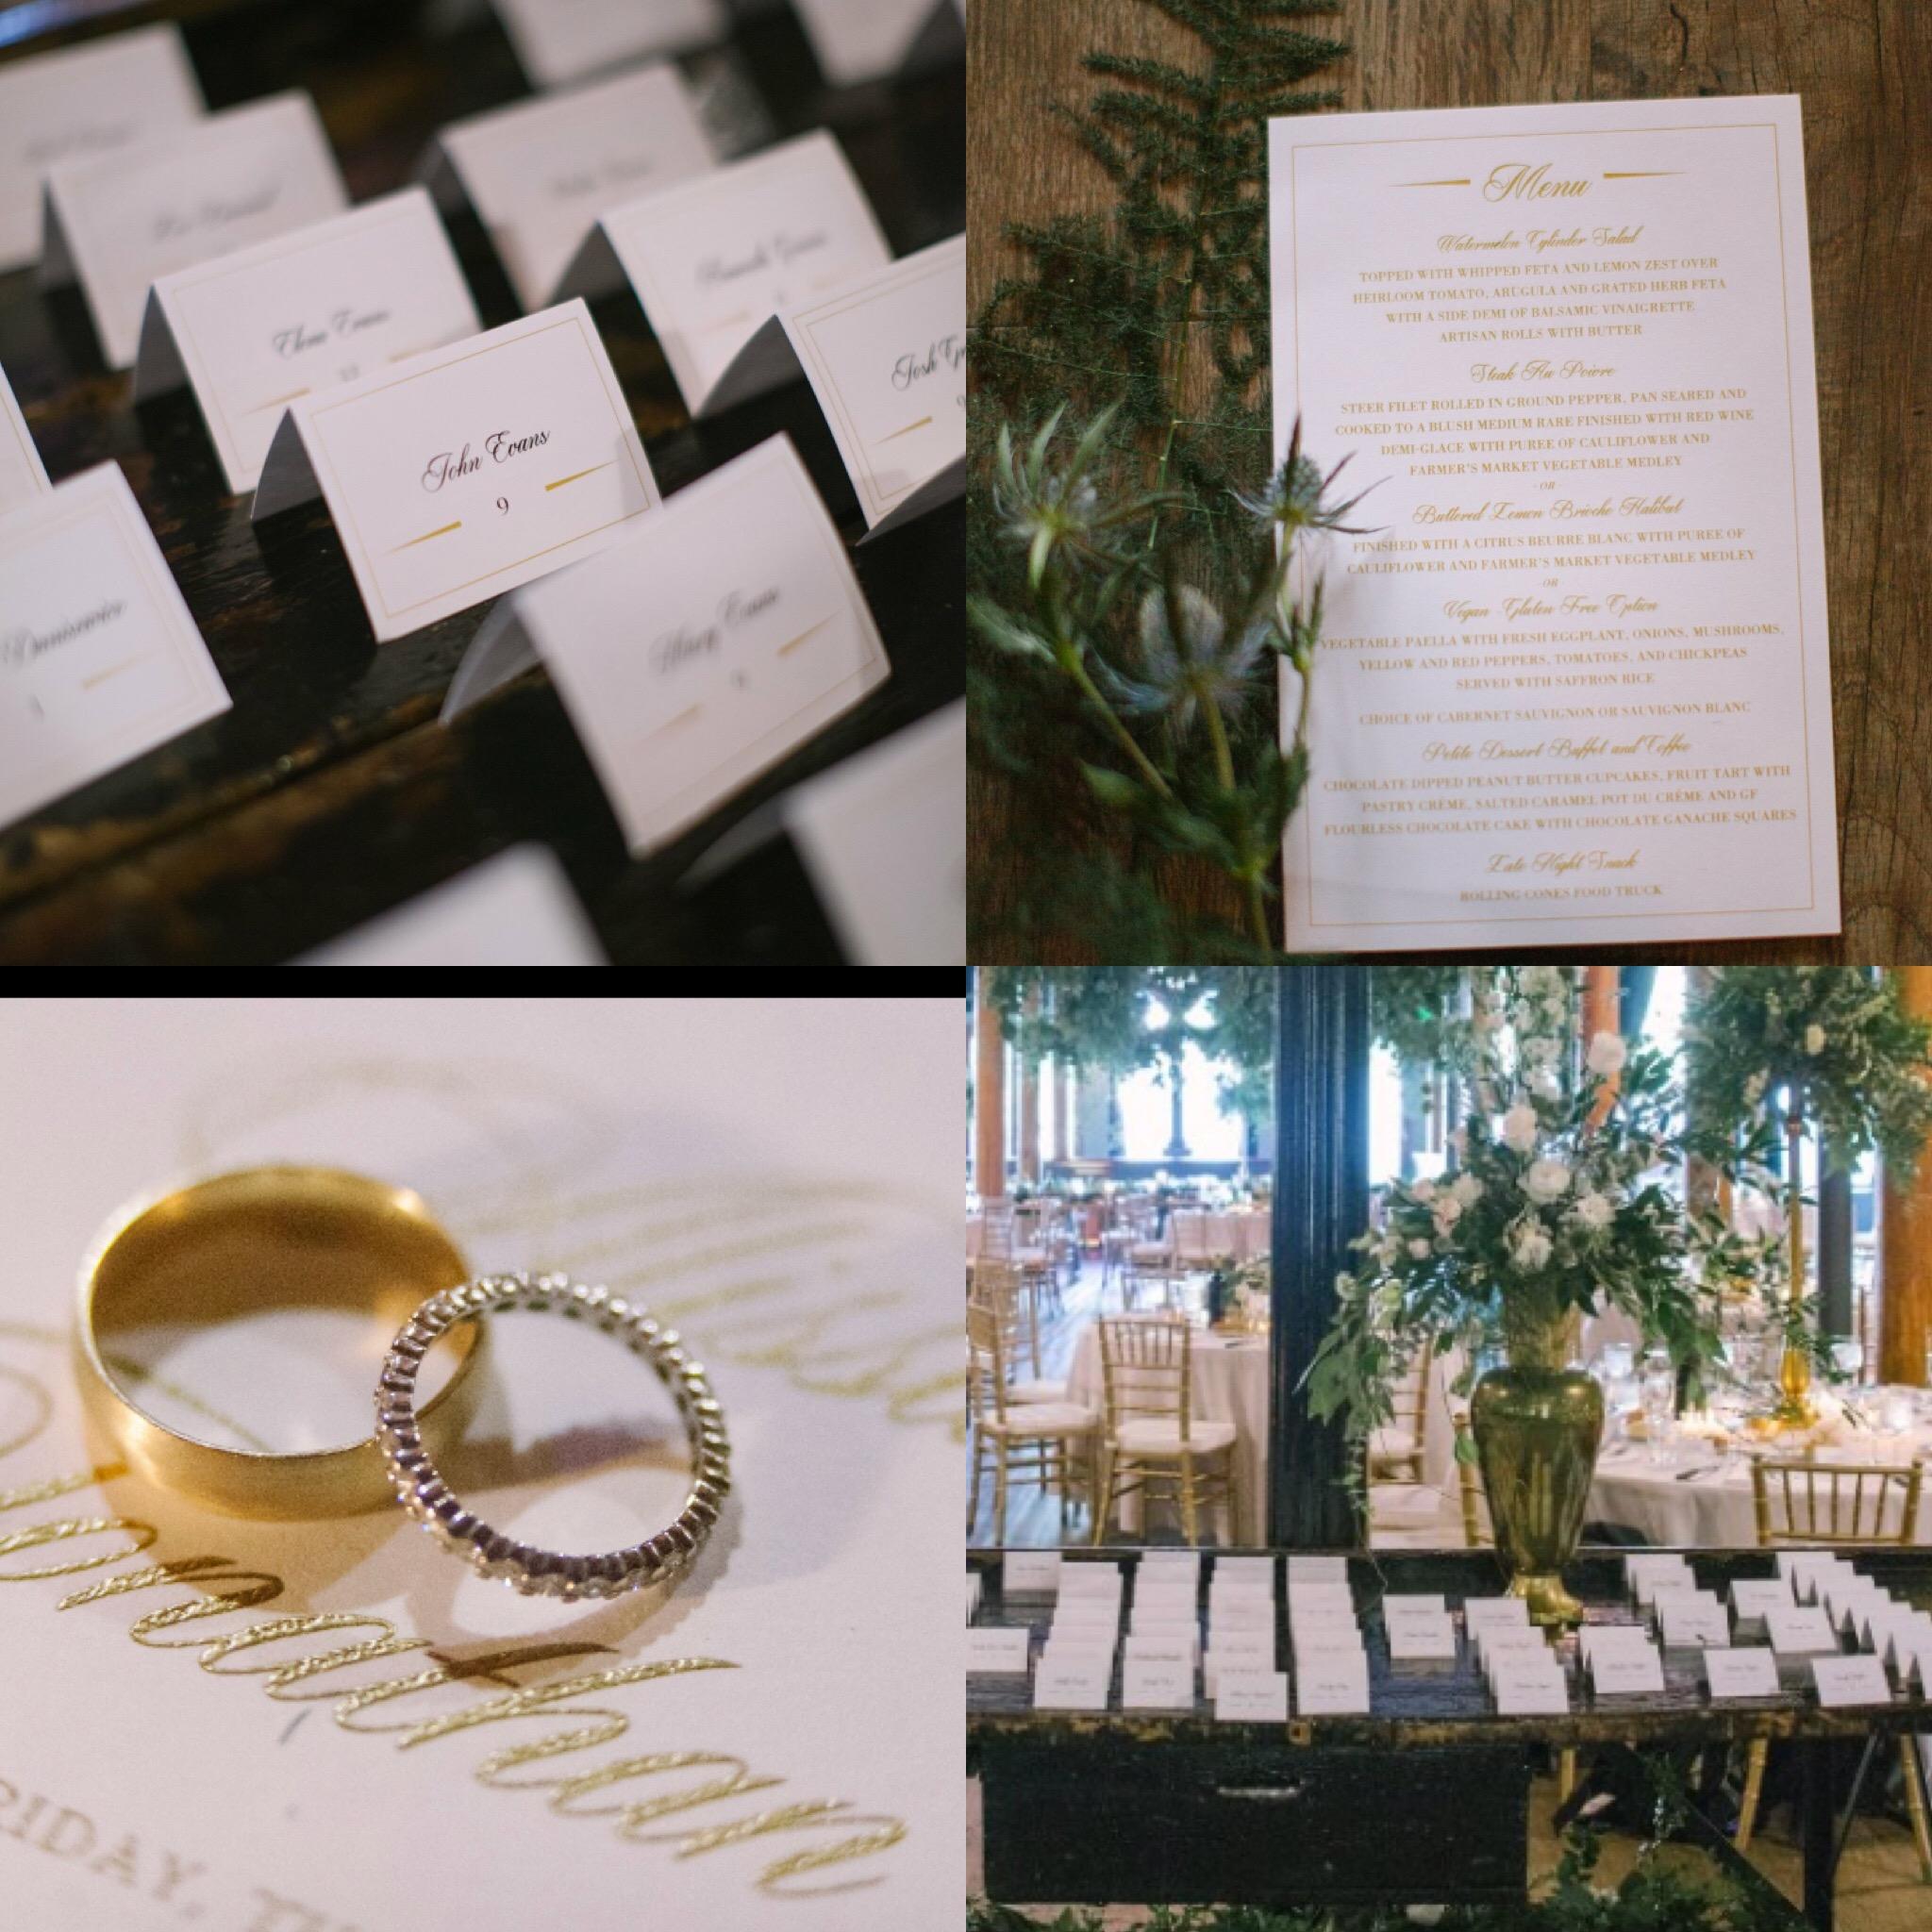 Steffes Wedding for website D66579DC-B867-4708-A9AB-95A3B3A0CE58 (2).JPG